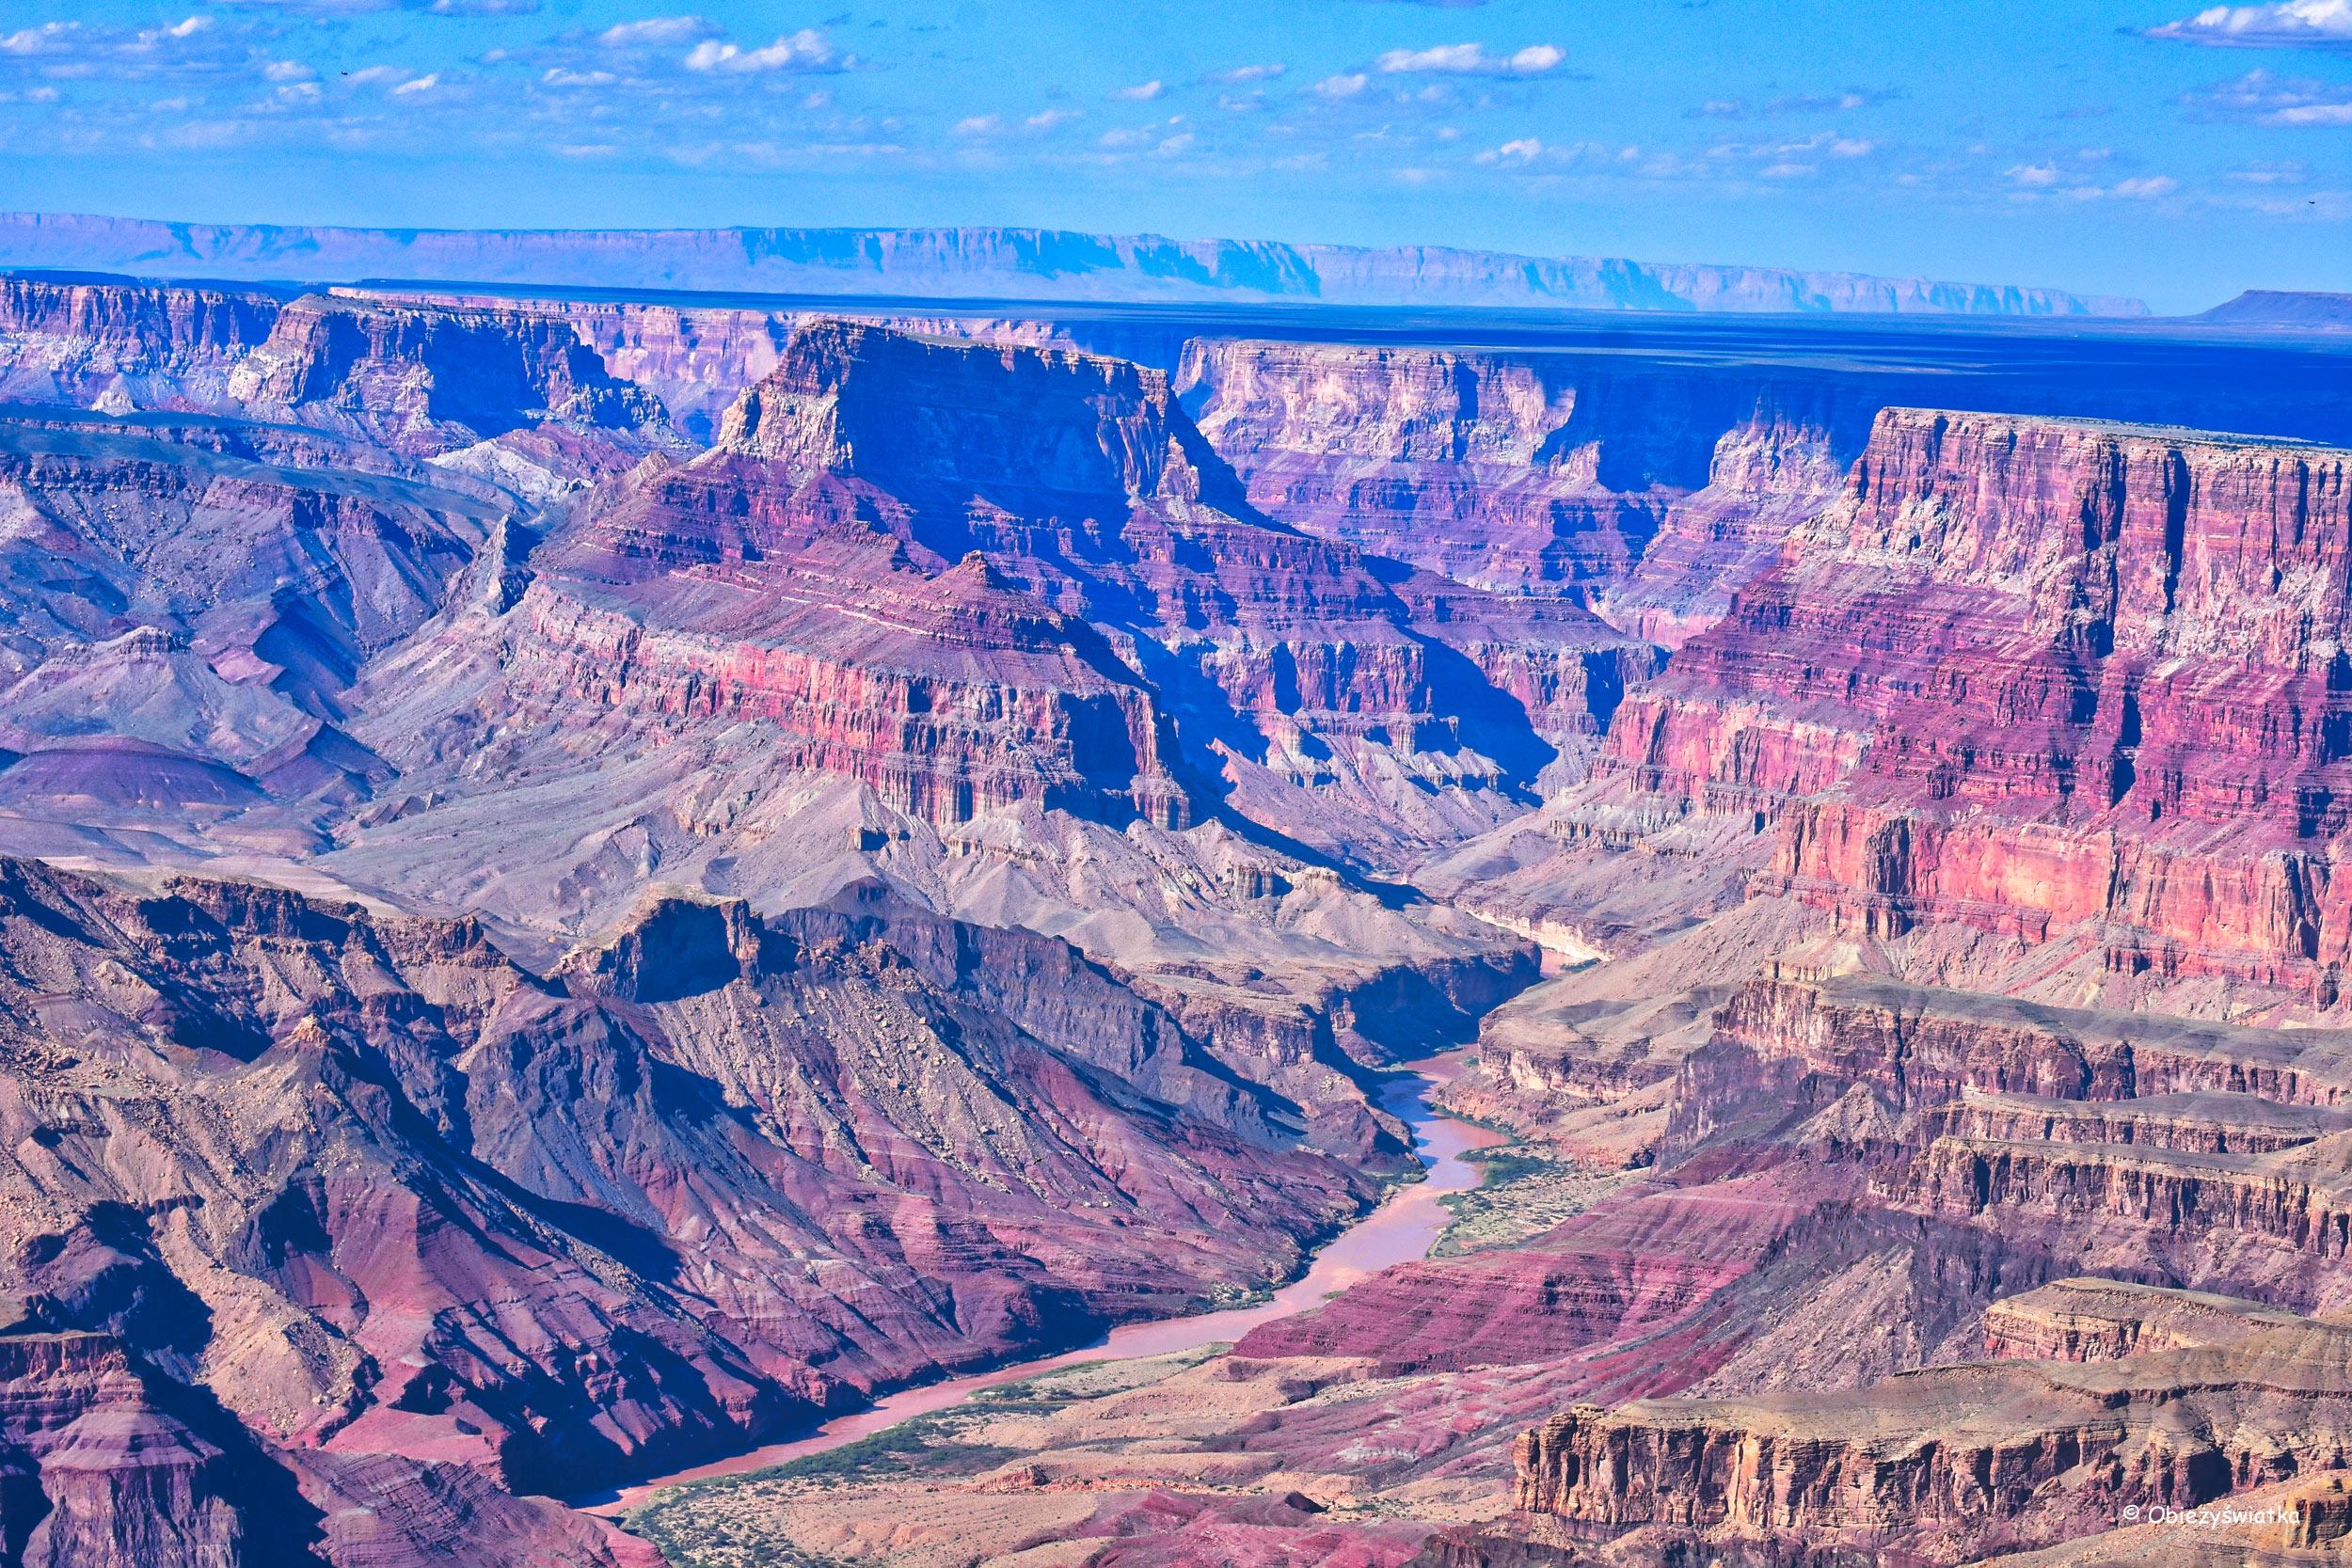 Kolory i rozmiar robią wrażenie - Grand Canyon National Park, Arizona, USA